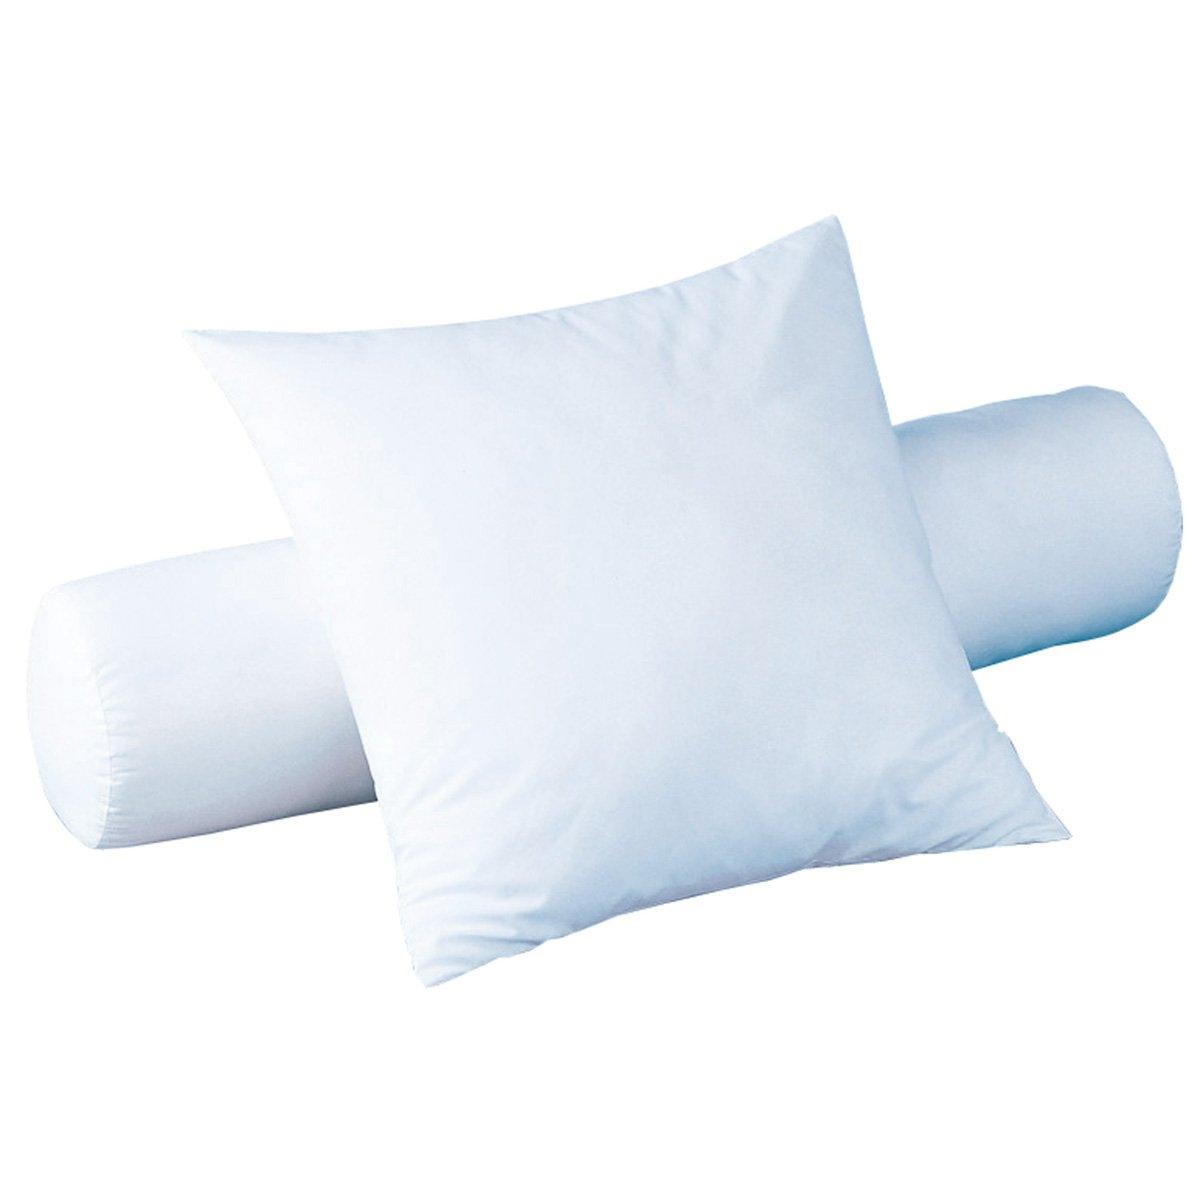 Подушка упругая из синтетикиКоллекция PRATIQUE от R?VERIE. Наполнитель: полые силиконизированные волокна полиэстера принимают форму головы для максимального комфорта. Чехол из микрофибры, 100% полиэстера. Практично: стирка при 95° для идеальной гигиены. Размеры в см.<br><br>Цвет: белый<br>Размер: 2 x 50 x 70 cm